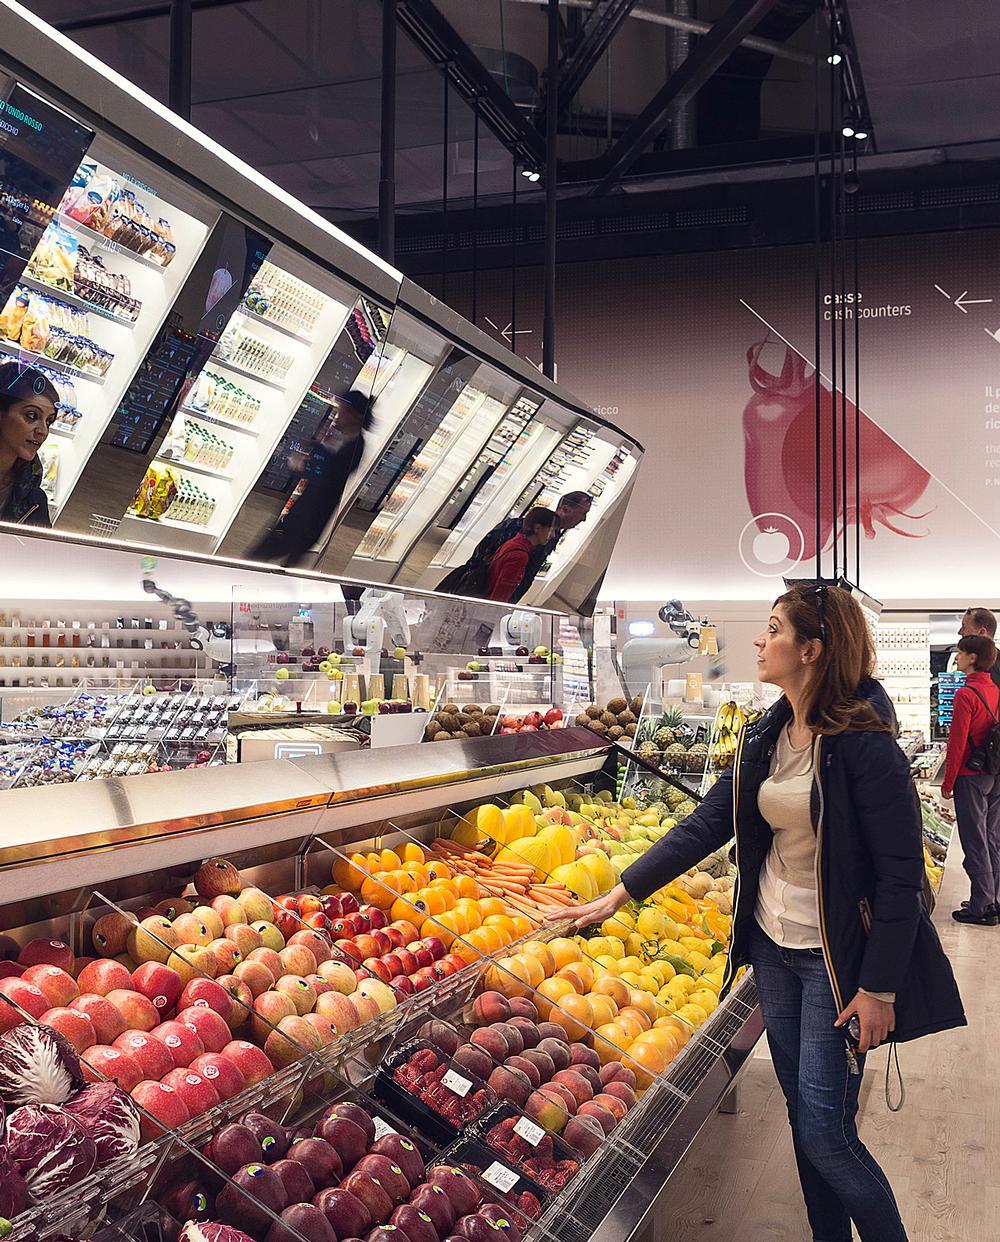 Carlo Ratti's Future Food District / PHOTO: ©DELFINO SISTO LEGNANI